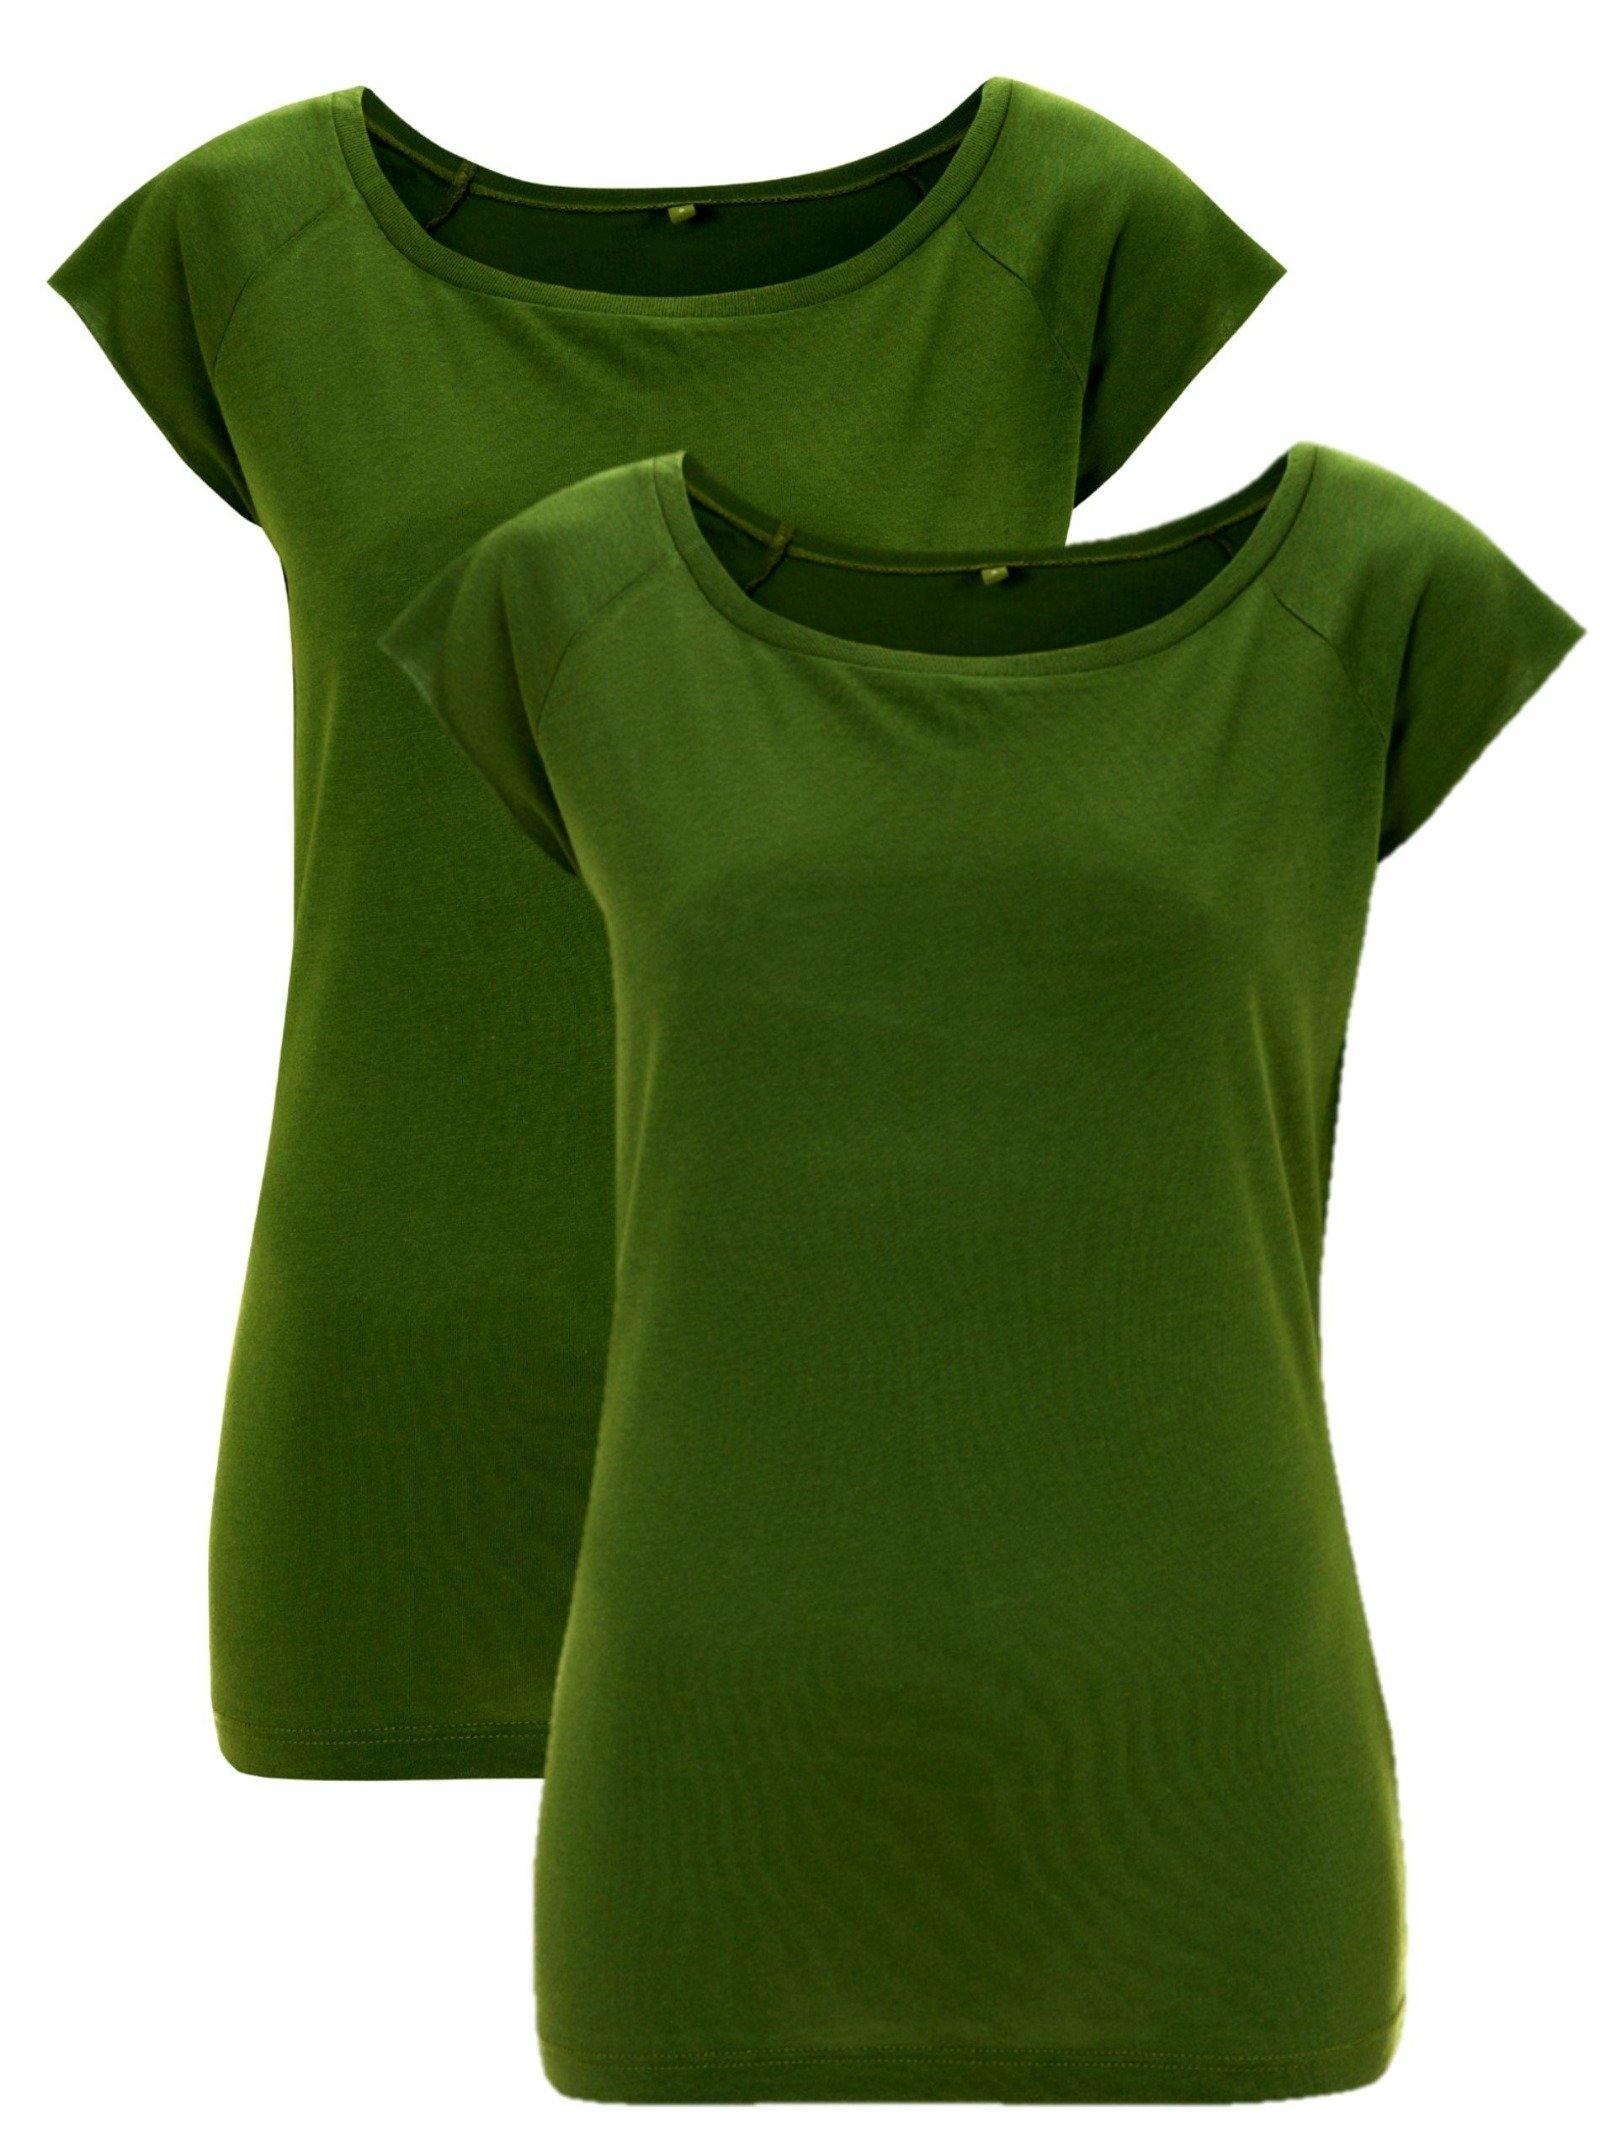 Bamboe t-shirt dames 2-pack groen | Cayboo